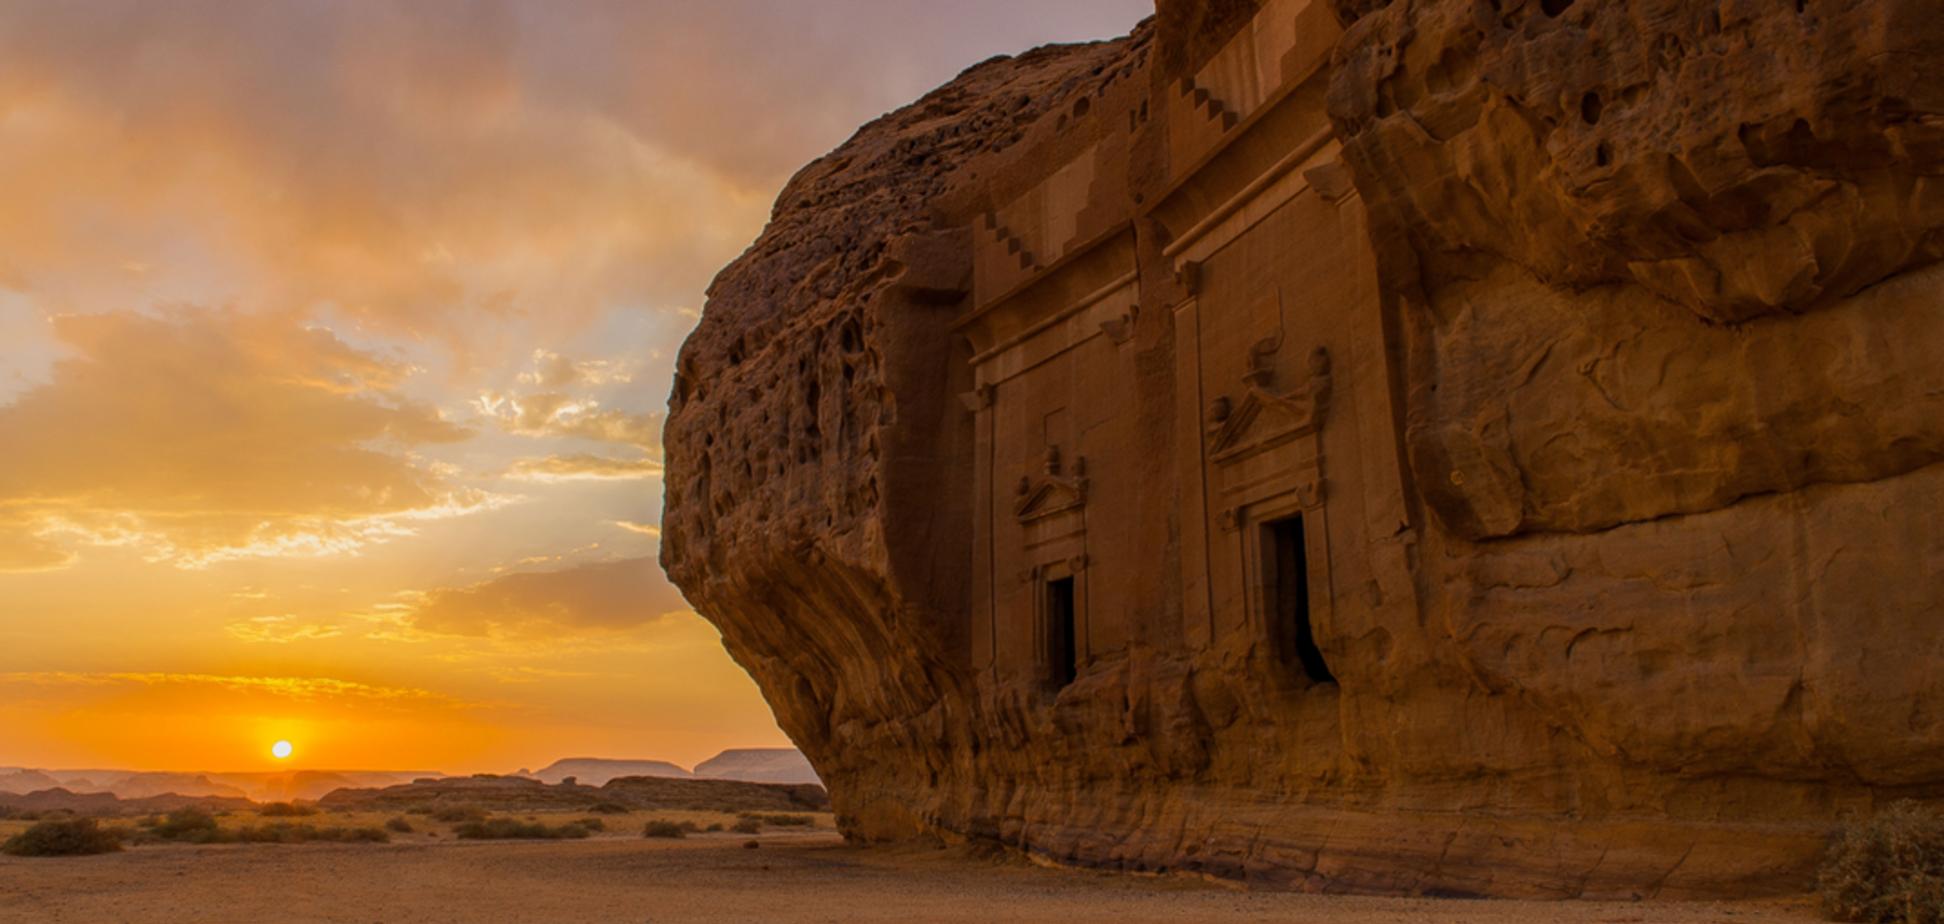 Древнюю Хегру в Саудовской Аравии открыли для туристов